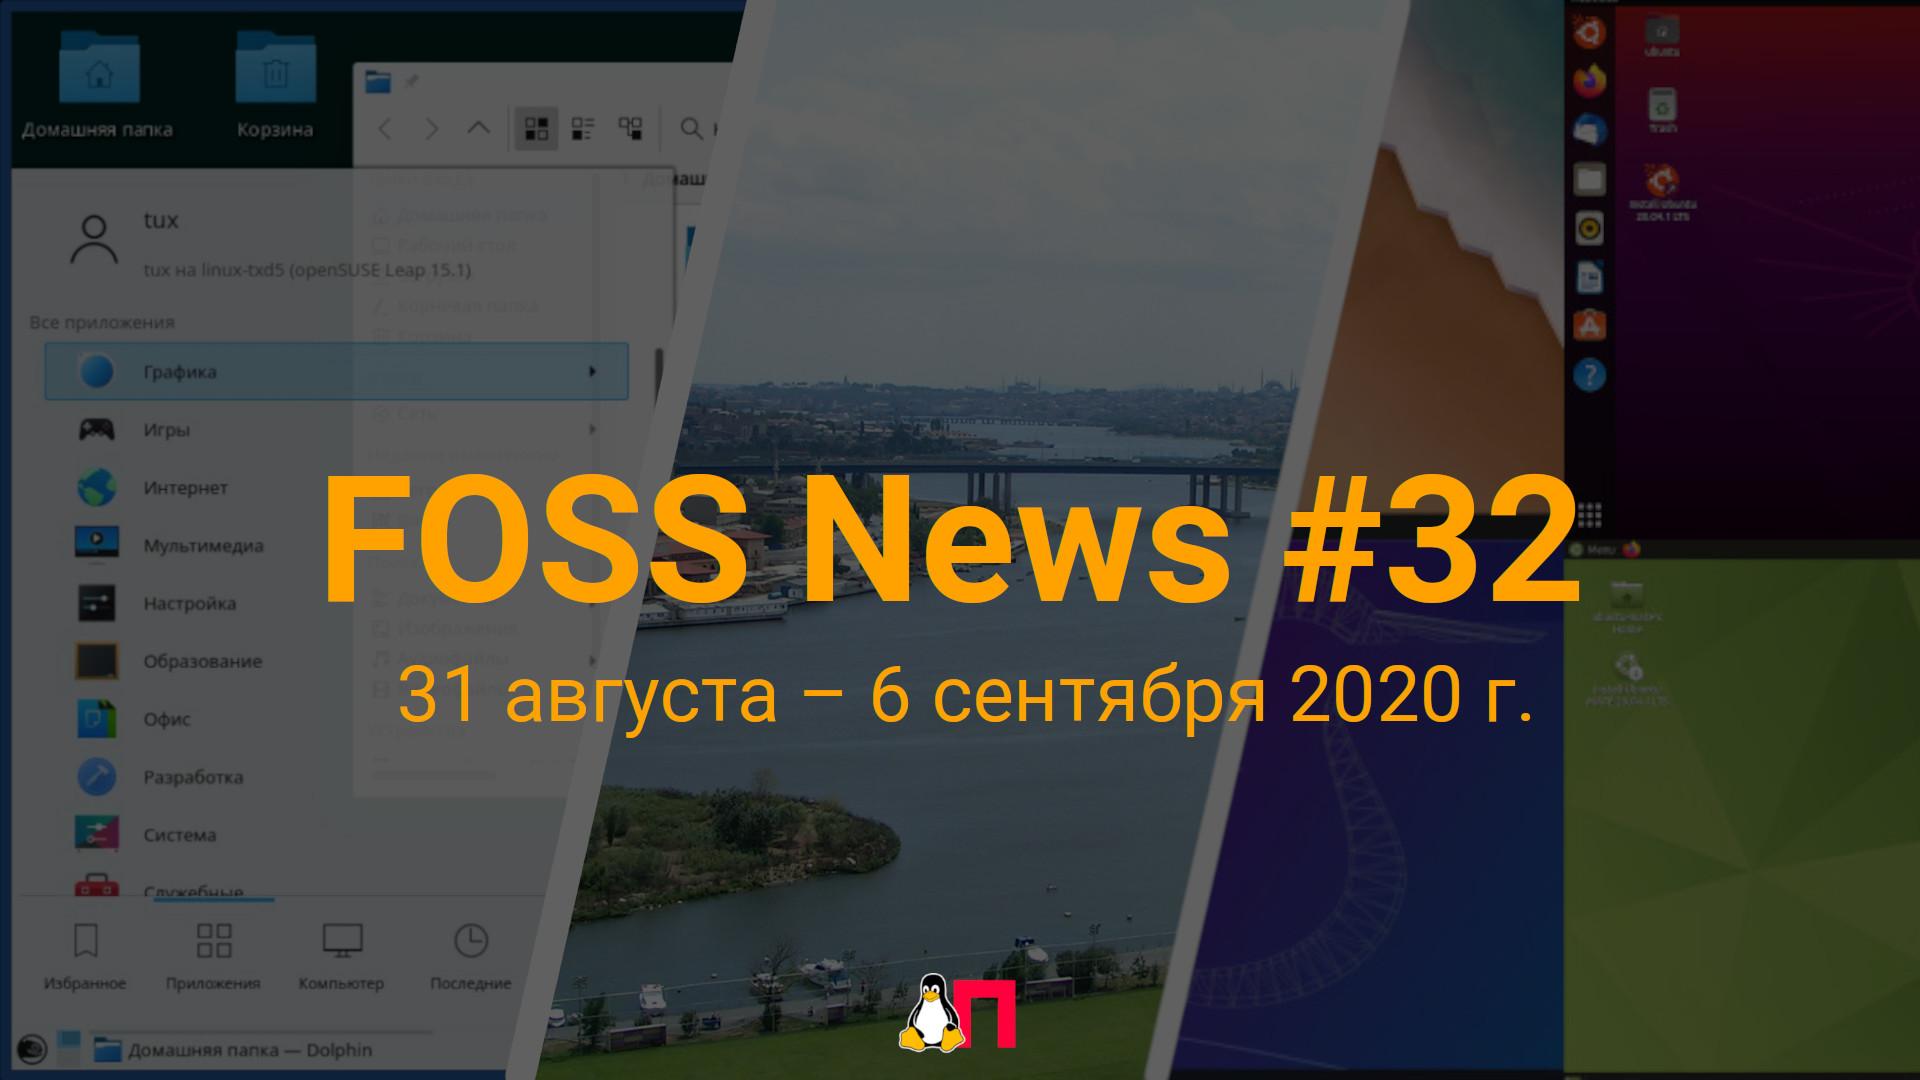 FOSS News 32  дайджест новостей свободного и открытого ПО за 31 августа  6 сентября 2020 года